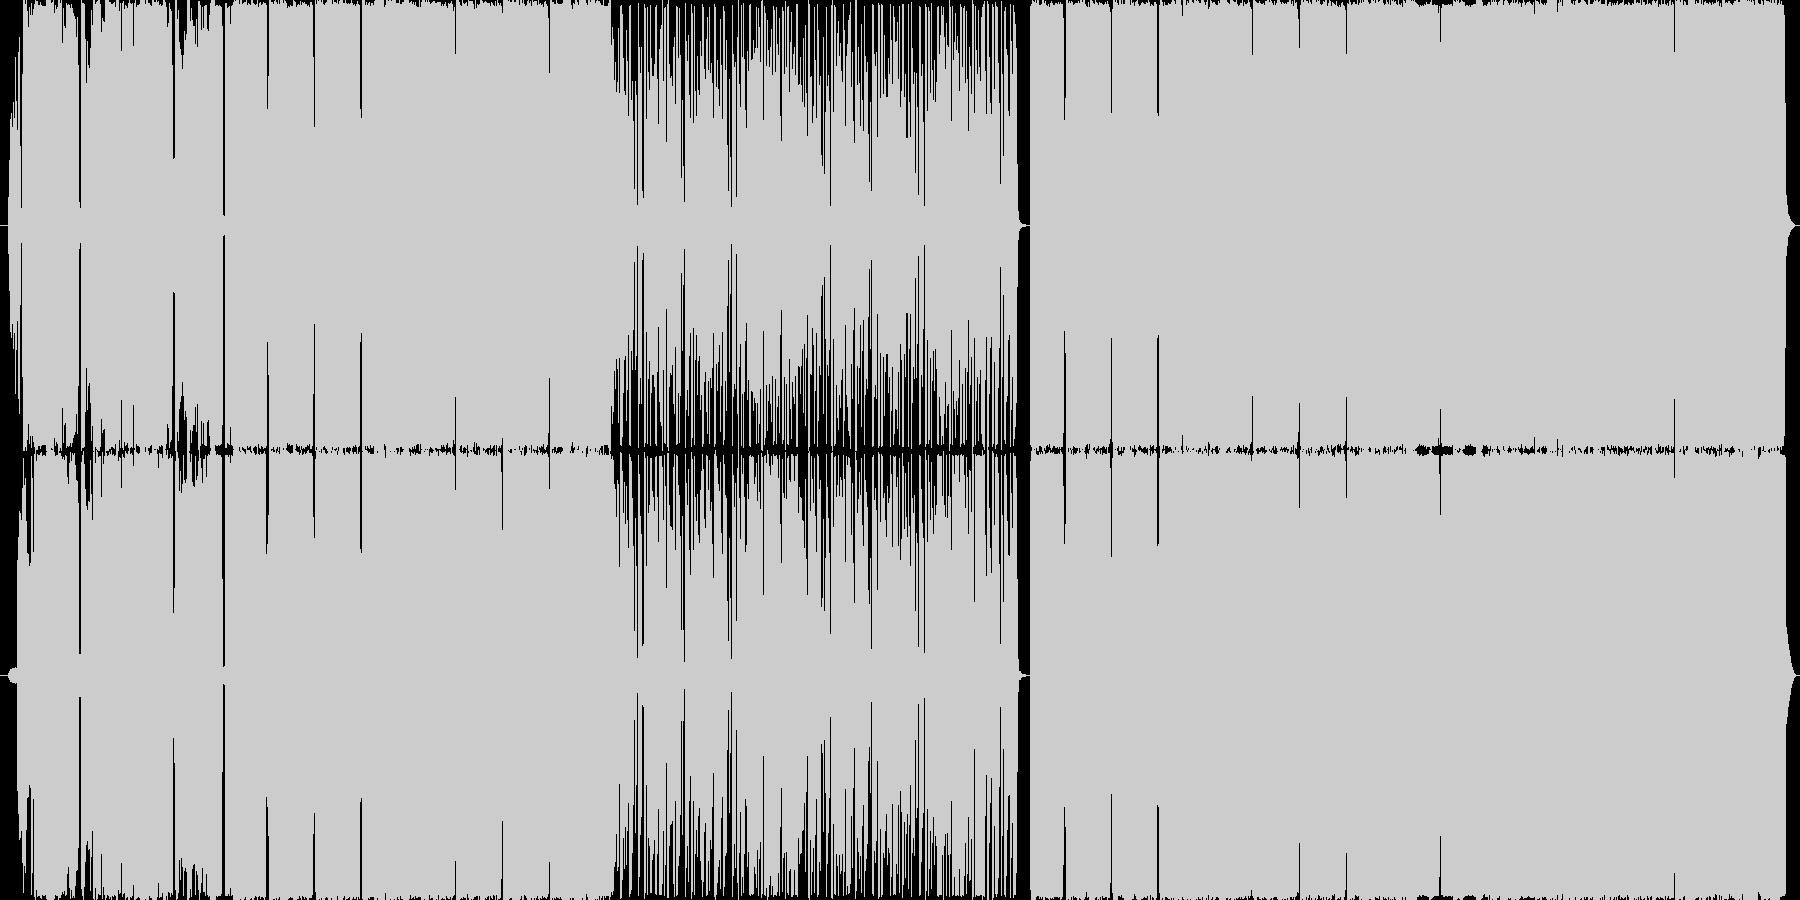 オルタナギターロック/戦闘FPSバトルの未再生の波形